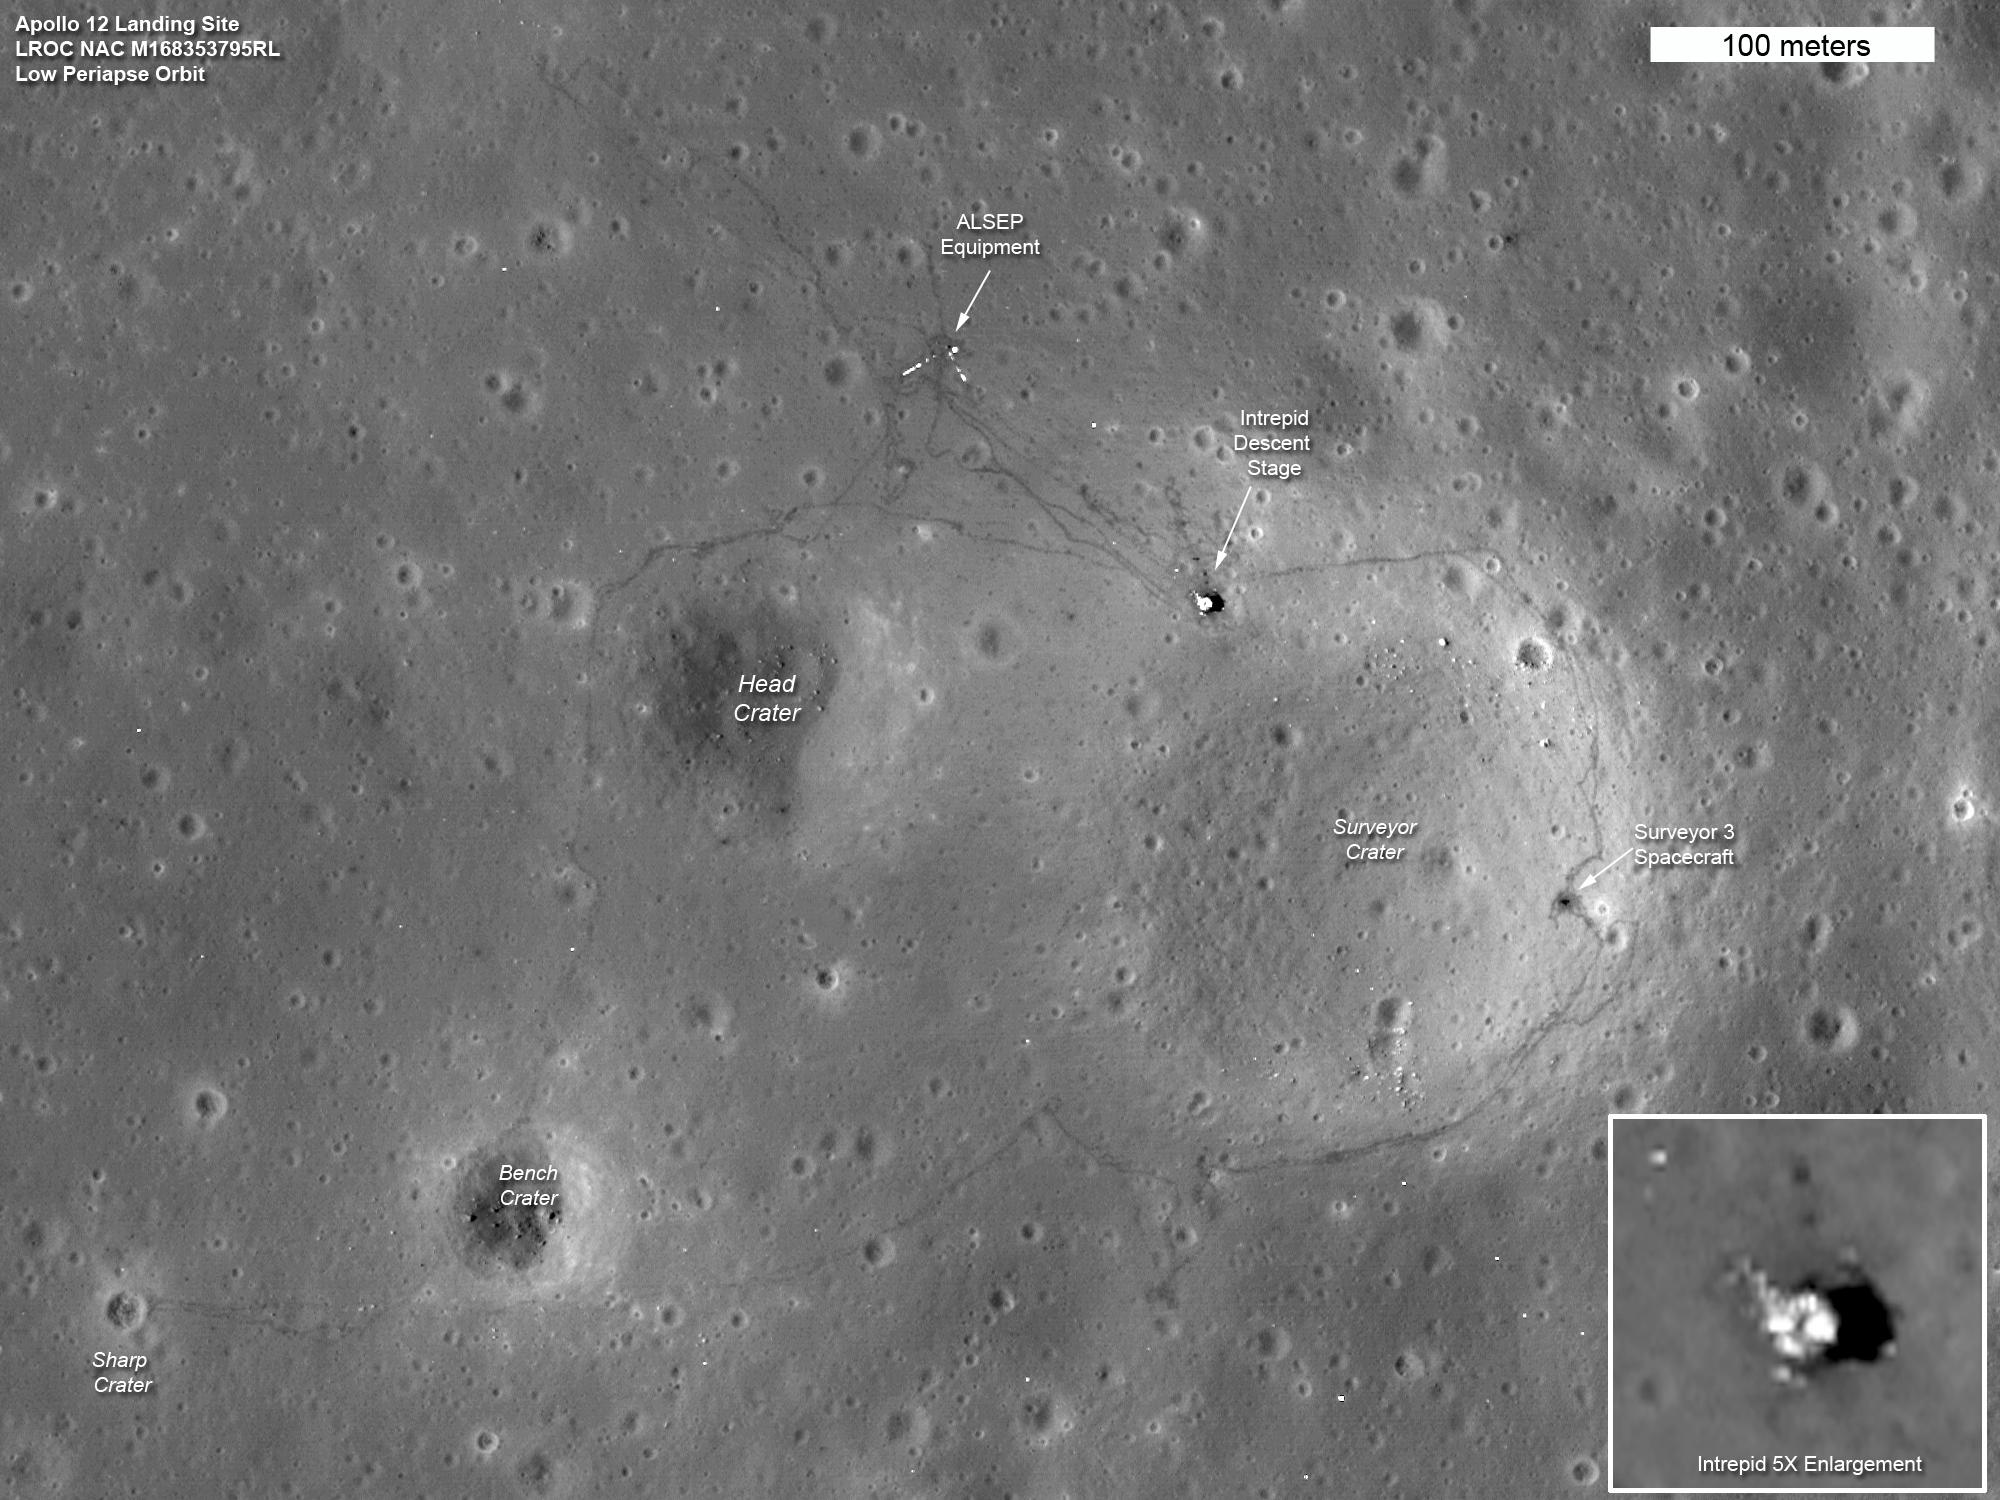 apollo lunar landings - photo #26